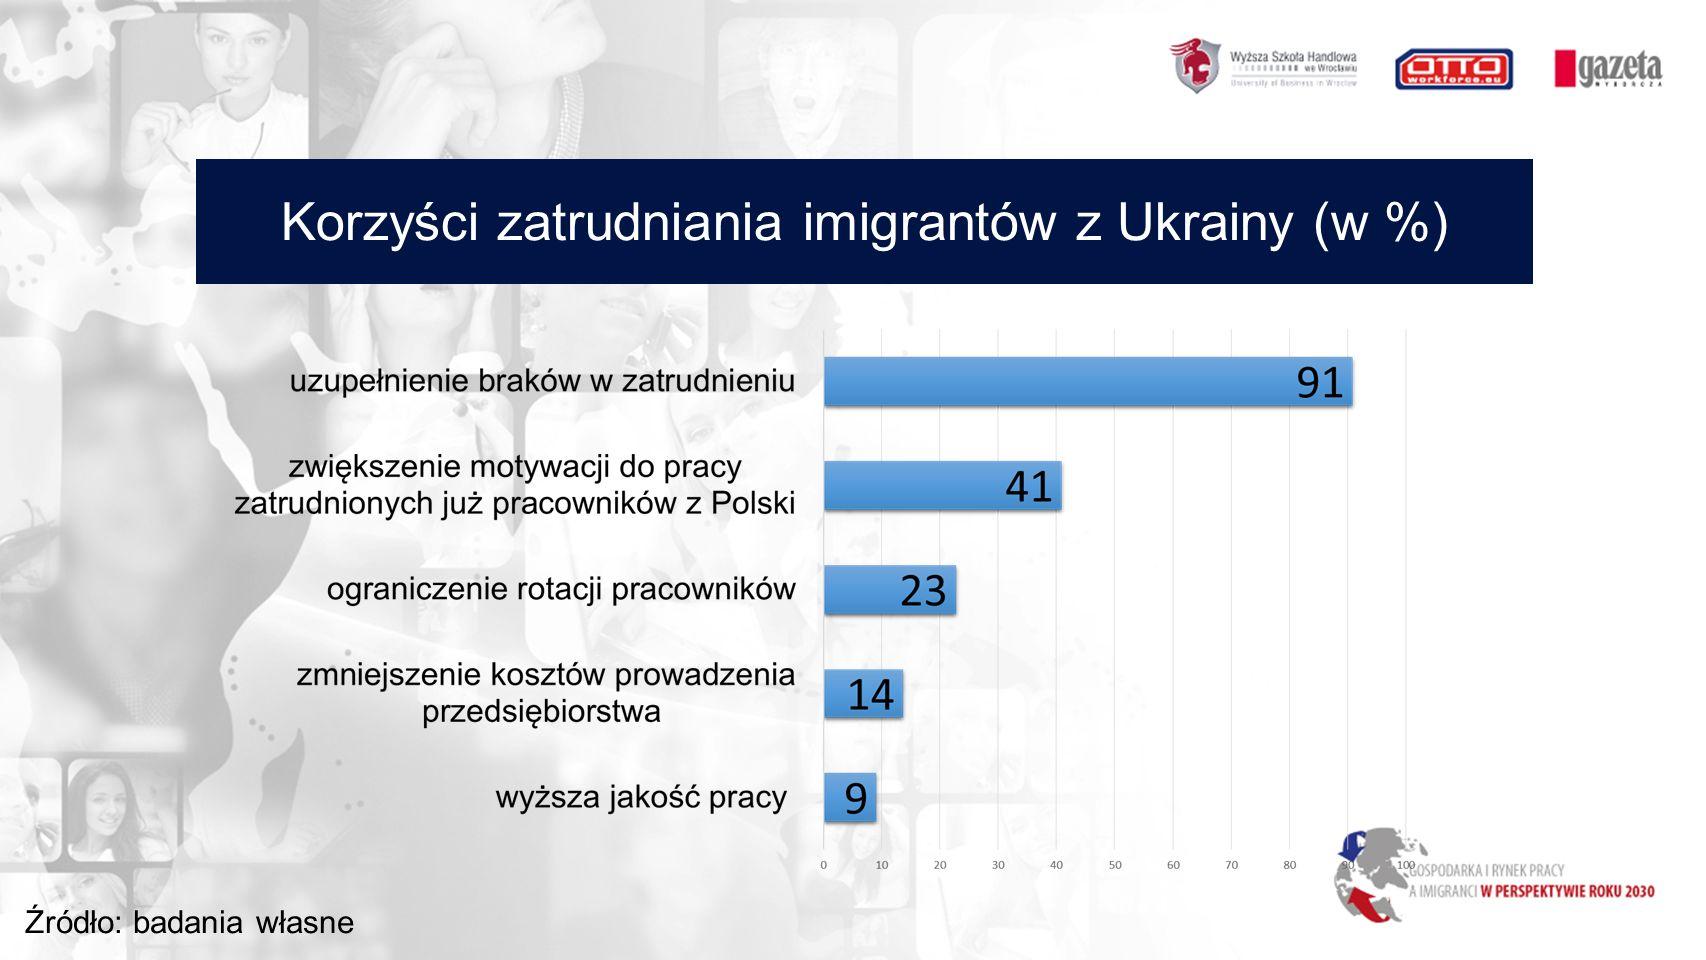 Korzyści zatrudniania imigrantów z Ukrainy (w %) Źródło: badania własne